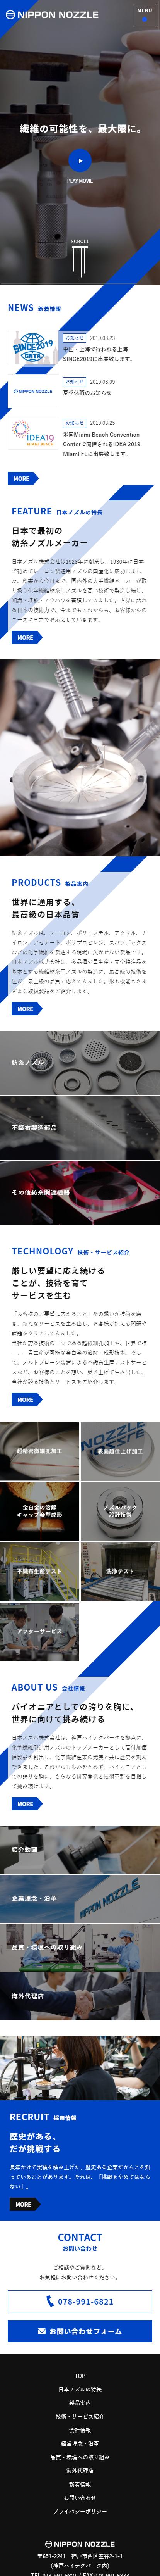 日本ノズル株式会社の公式ホームページ。1930年に日本で初めてレーヨン製造用ノズルの国産化に成功した、化学繊維紡糸ノズルメーカーのパイオニアです。兵庫県神戸市を拠点に、国内外の繊維メーカーが取り扱う化学繊維紡糸用ノズルを高い技術で製造し、お客様からのニーズに全力でお応えしています。 紡糸ノズル,化学繊維